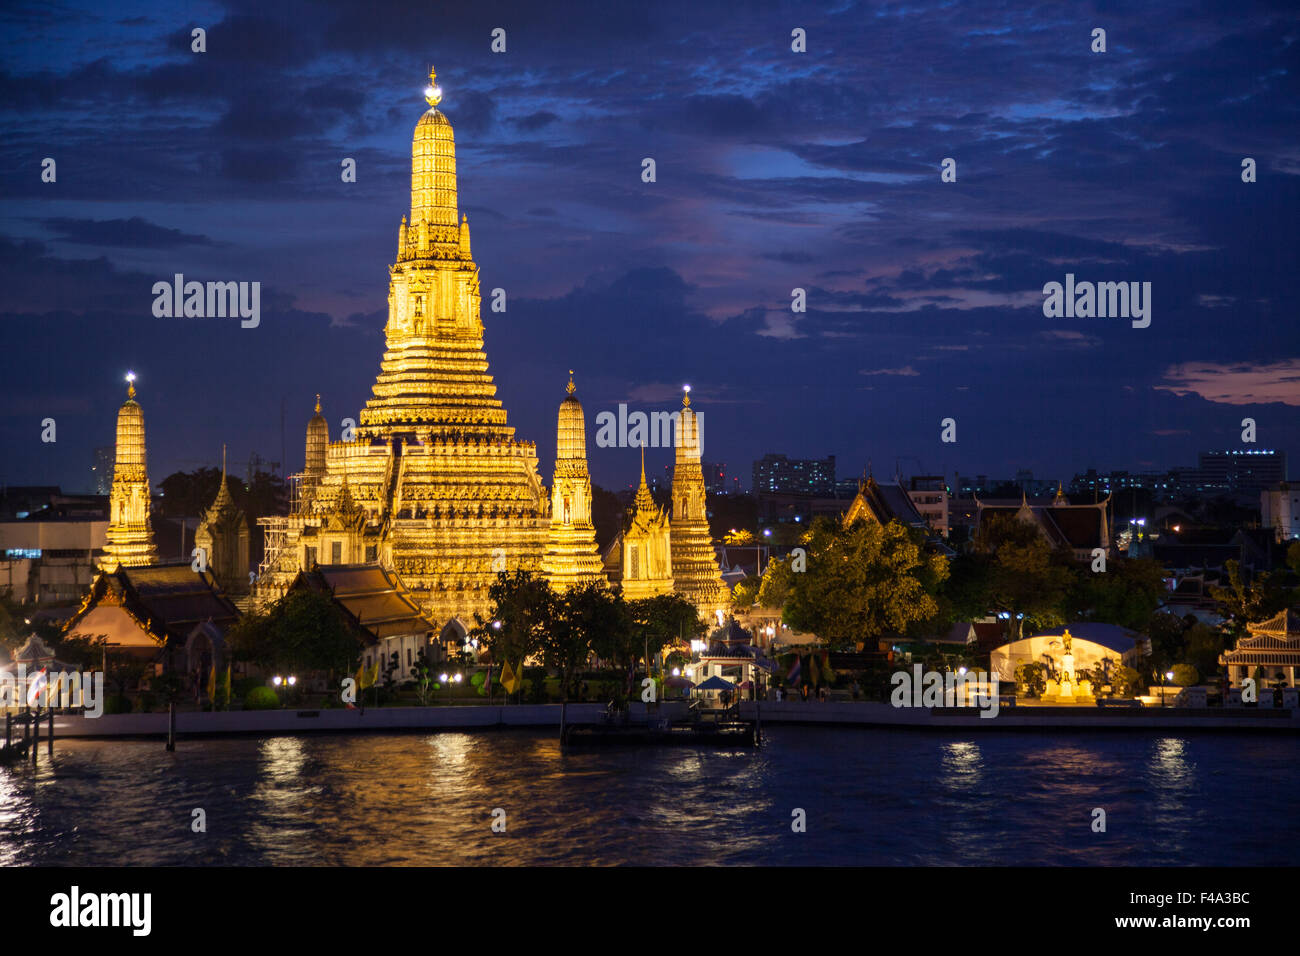 Thailandia, Bangkok, vista notturna di Wat Arun, Tempio di Dawn e il fiume Chao Phraya Immagini Stock